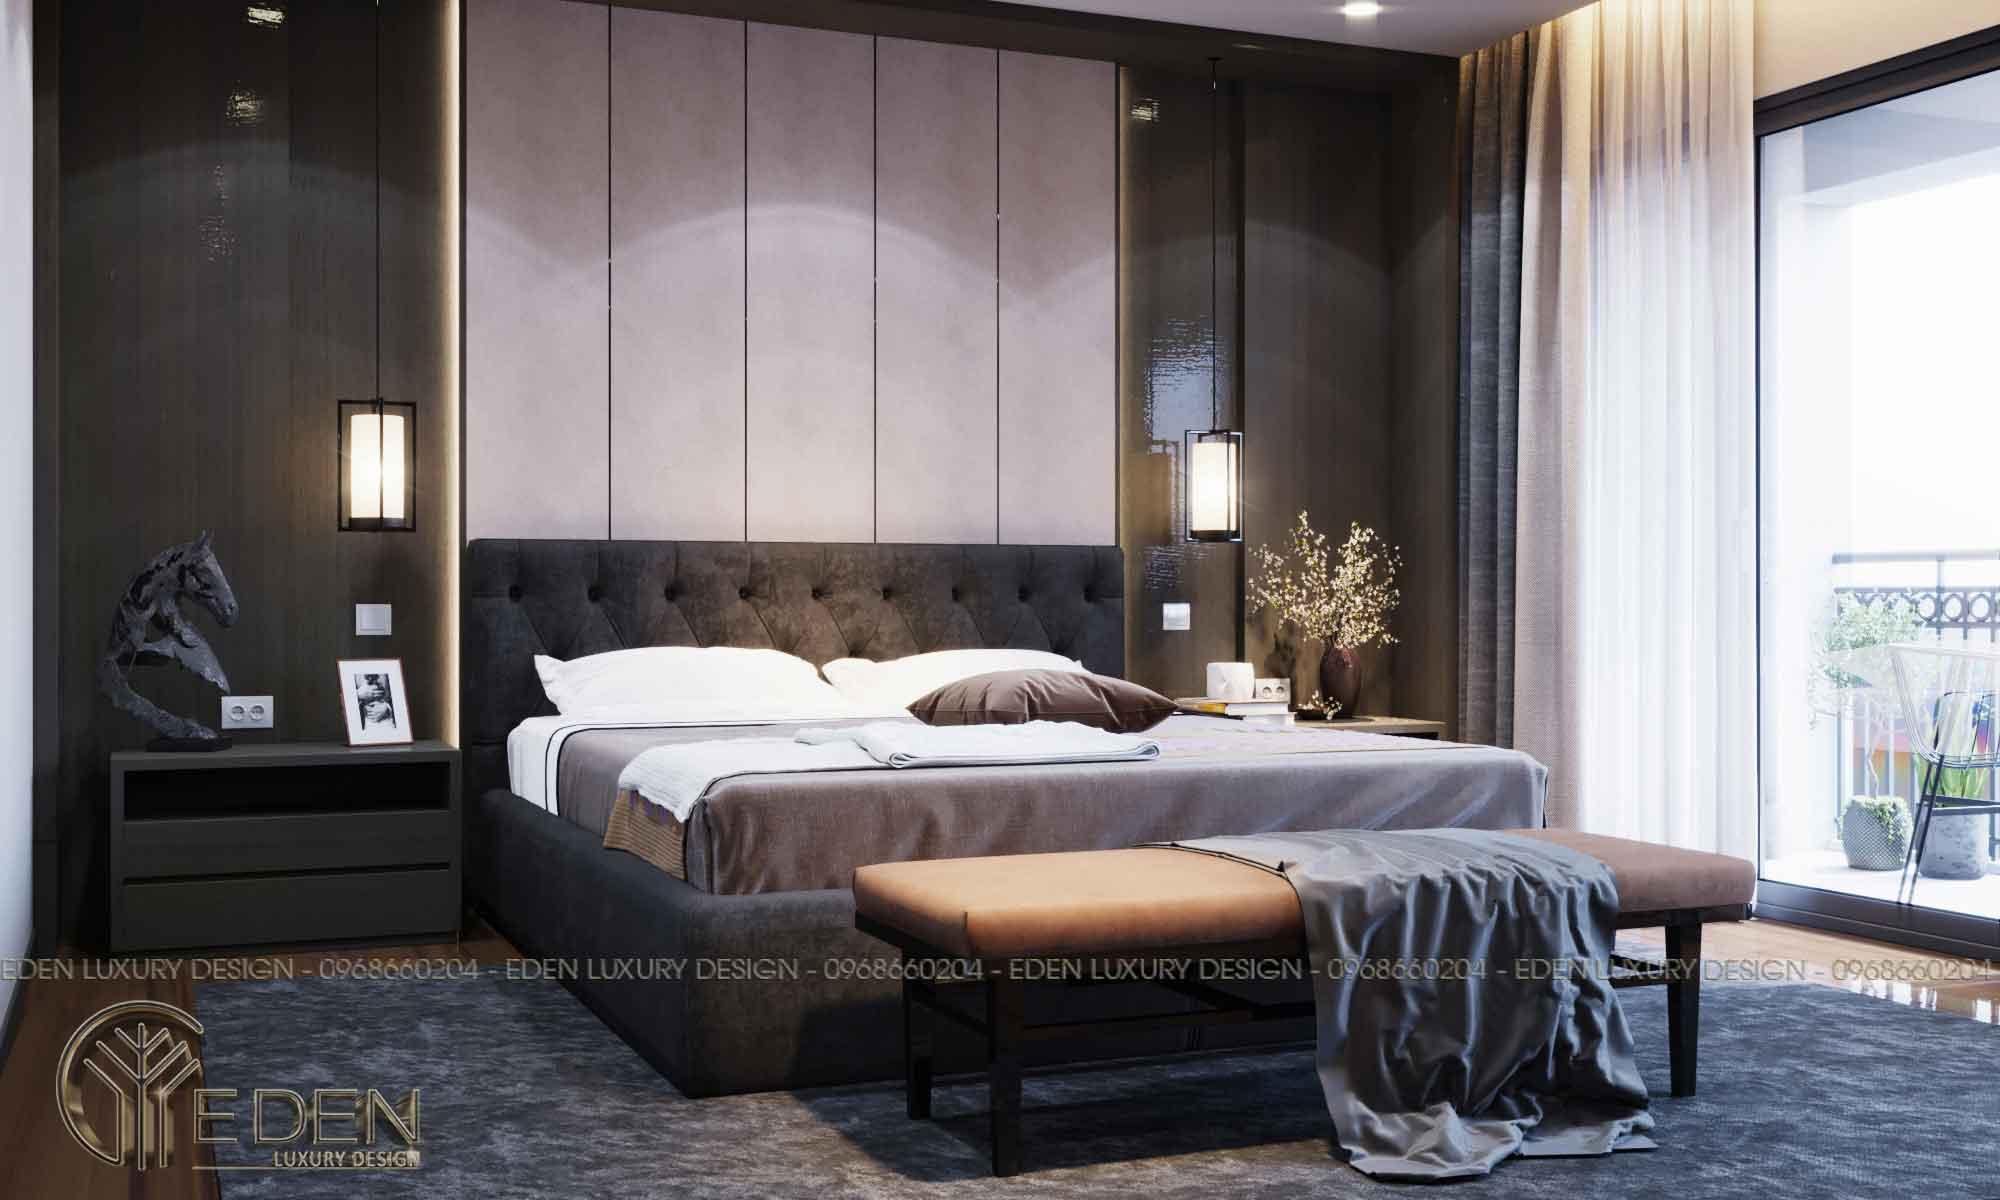 Thiết kế nội thất căn hộ chung cư Penthouse Sunshine Palace